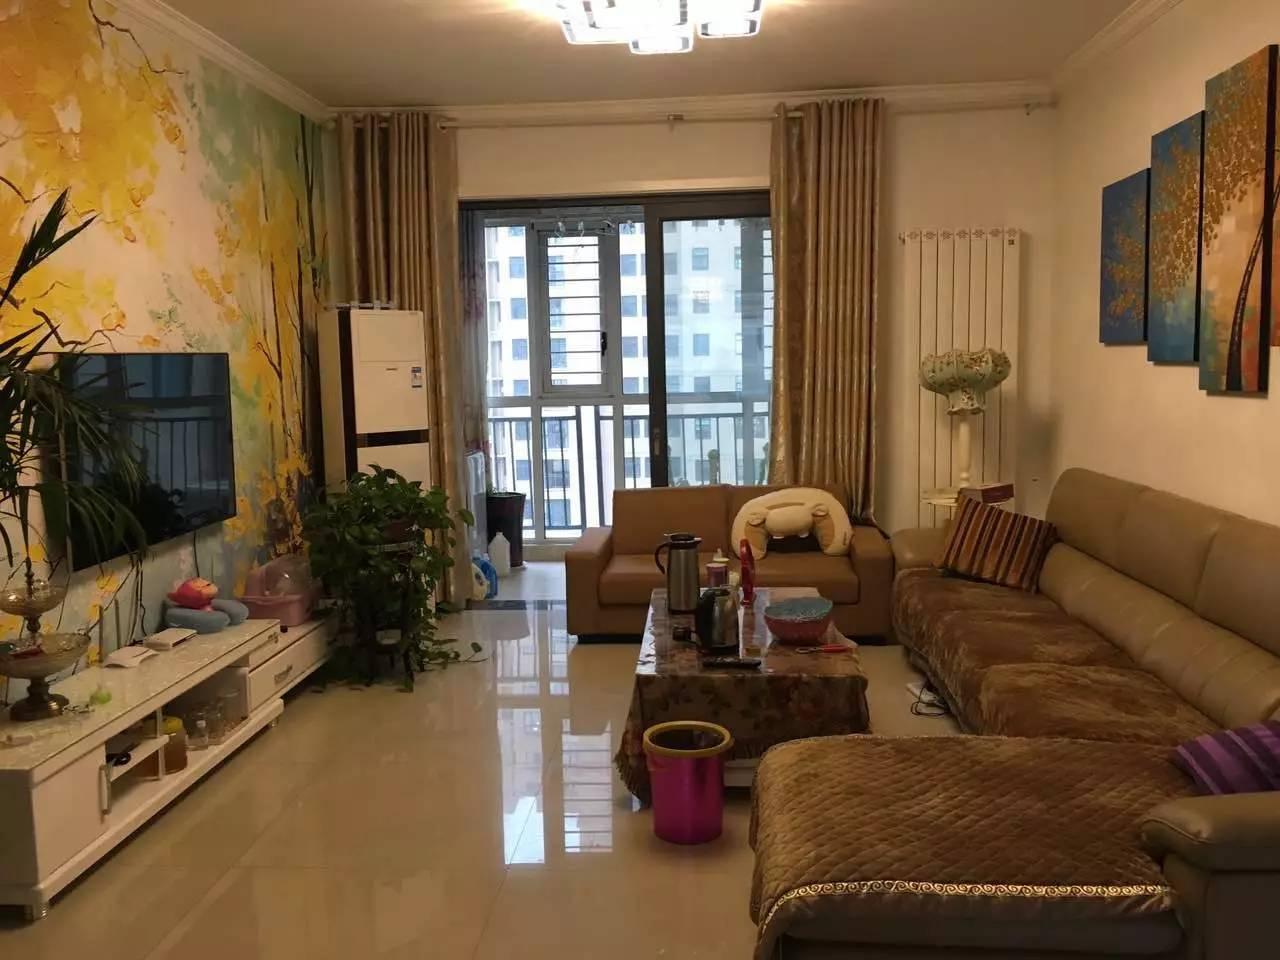 湖滨路 蓝湾新城 3室 2厅 137平米 出售